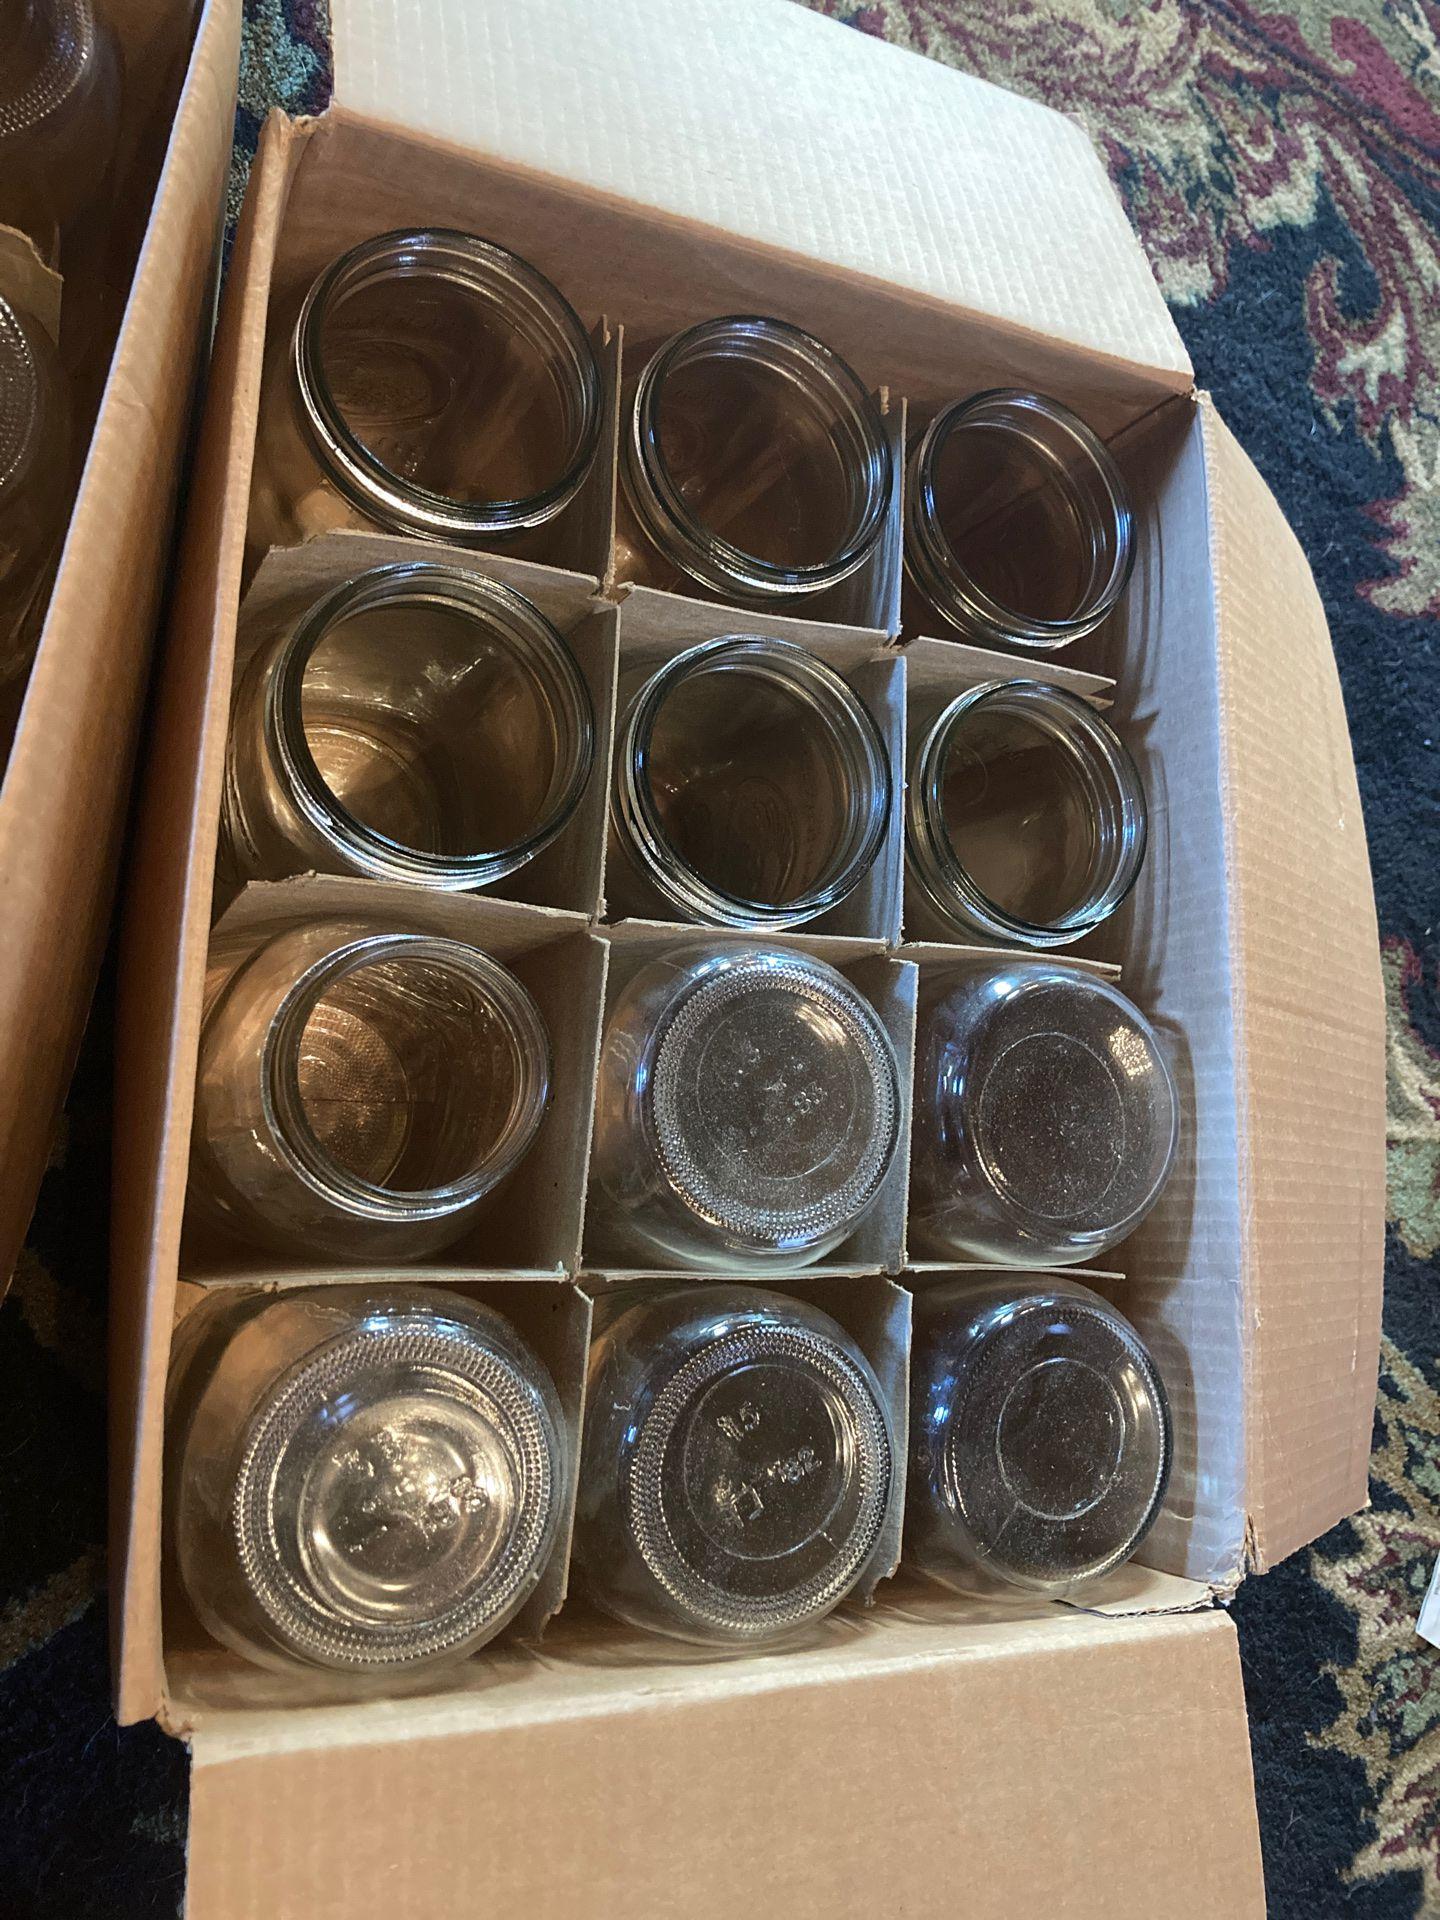 Mason canning jars